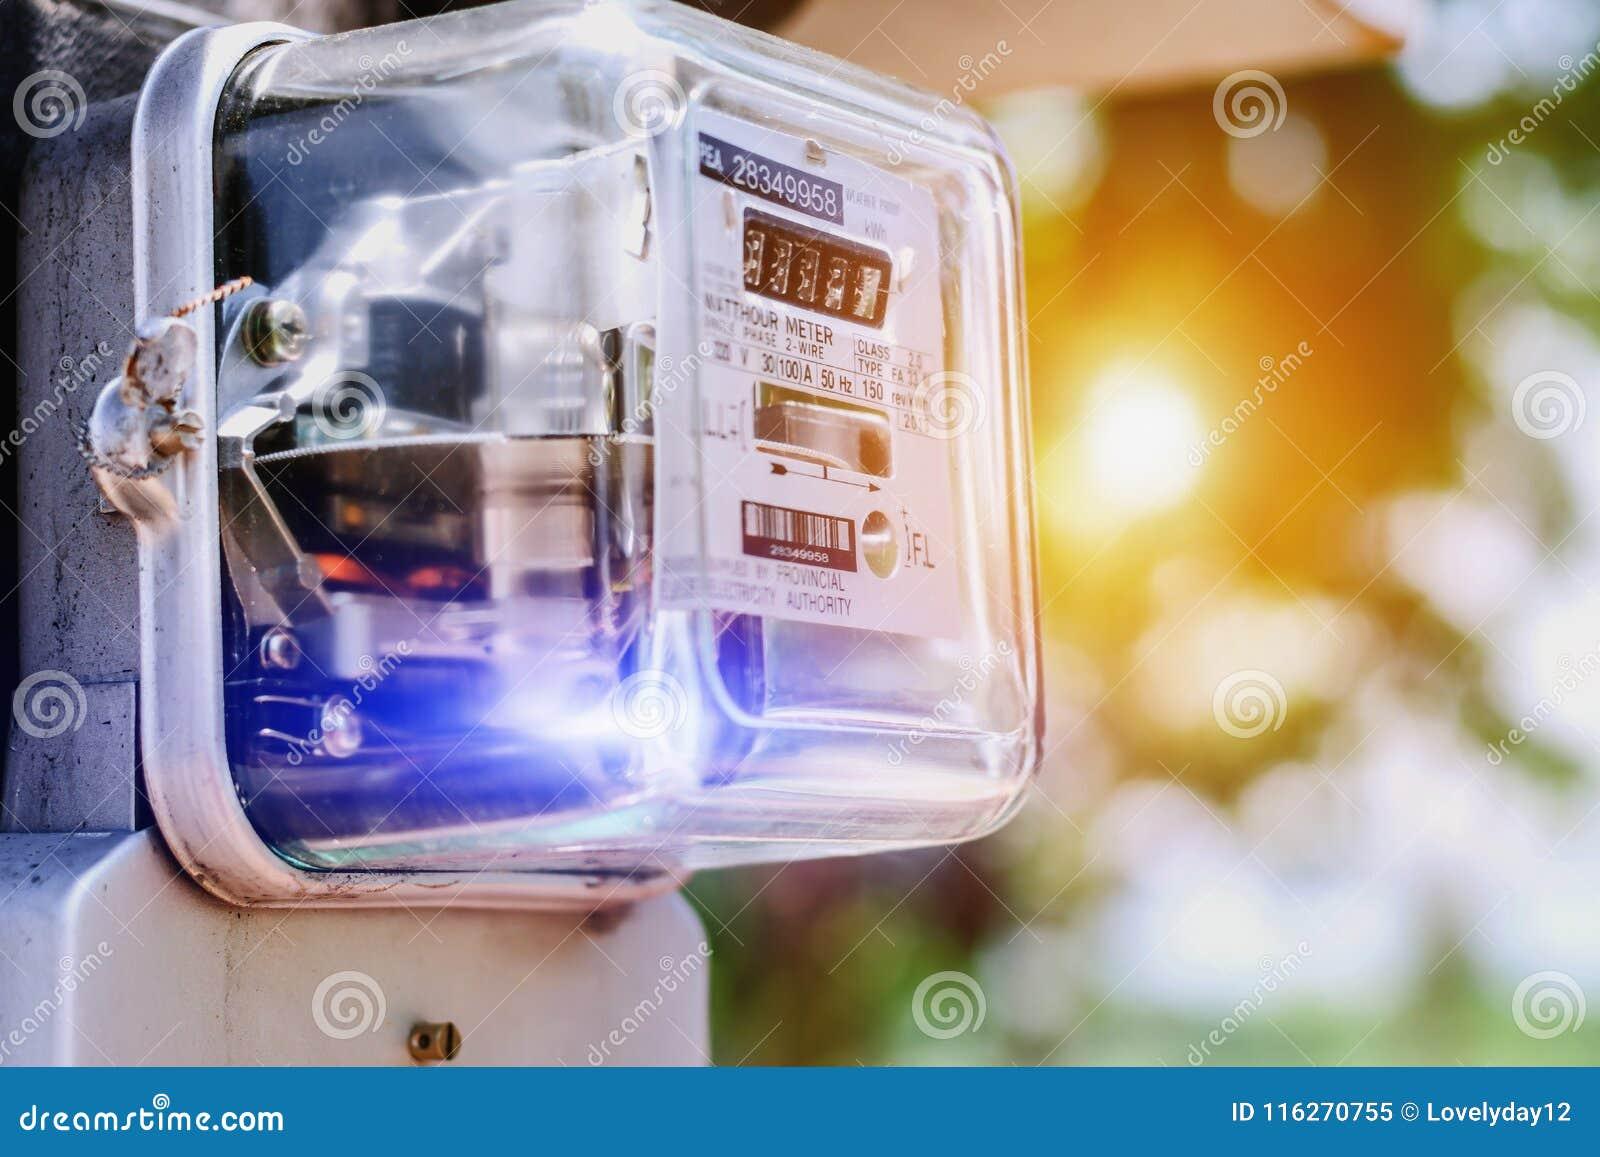 Метр amp ваттчаса электричества